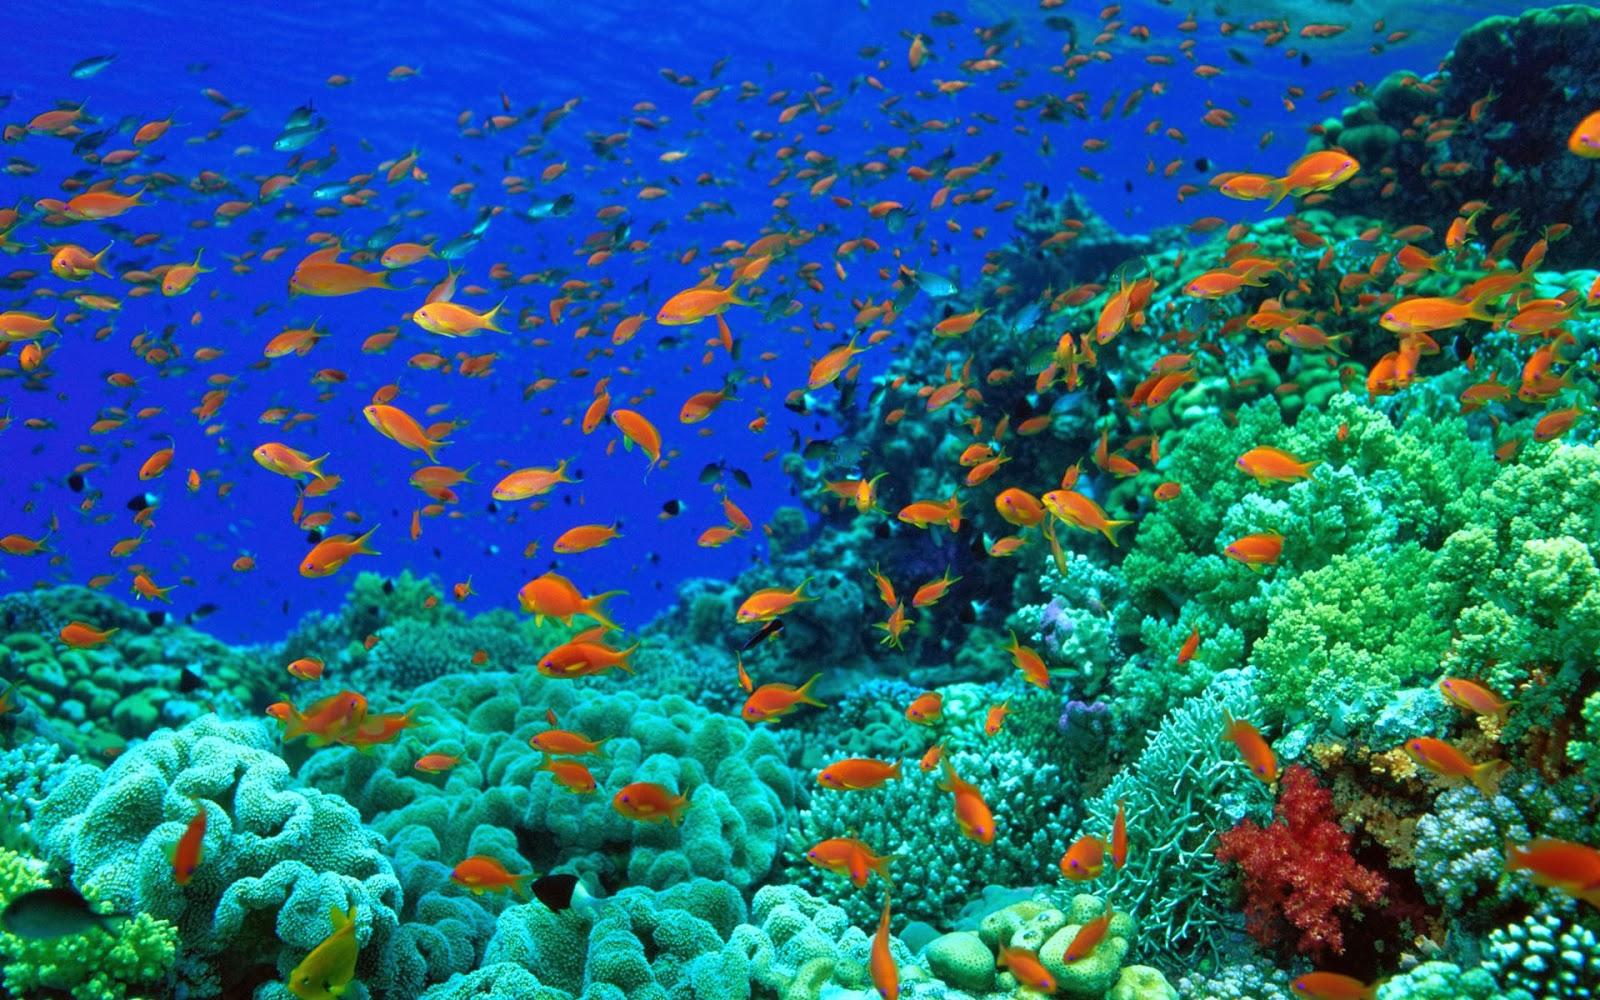 Daftar Wallpaper Pemandangan Bawah Laut Hd Bergerak